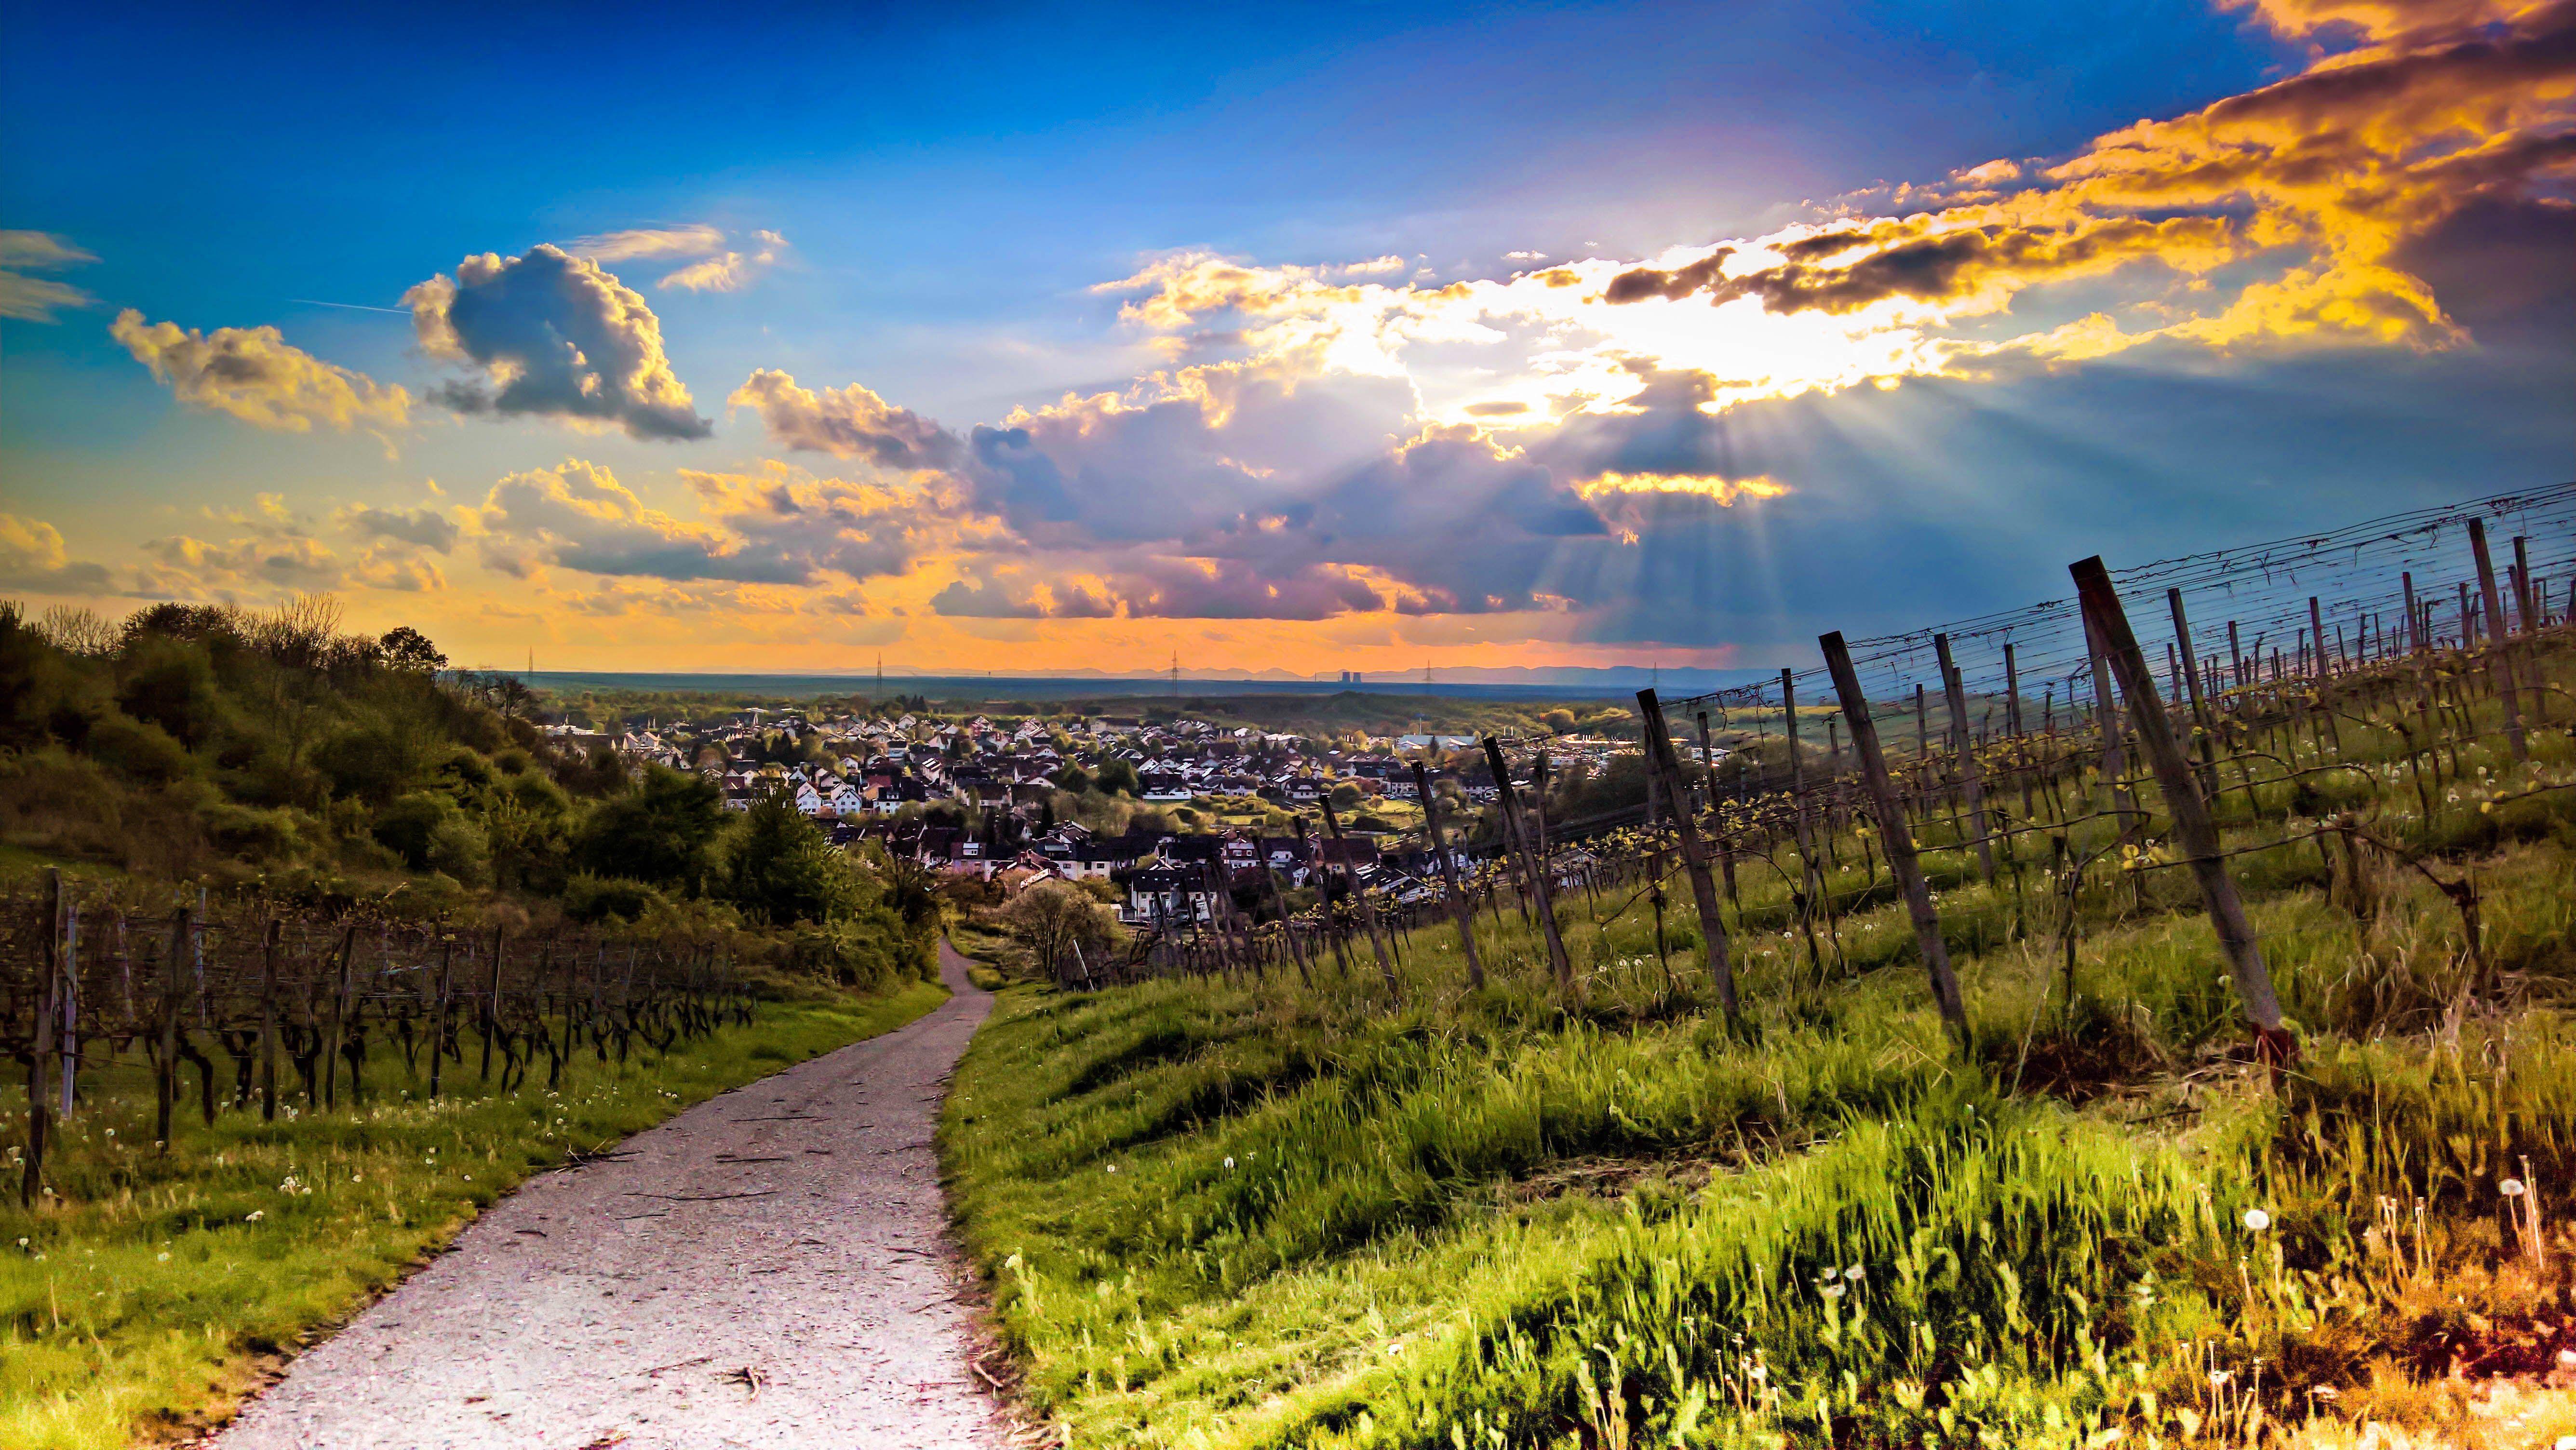 Open heaven - Rauenberg, Germany